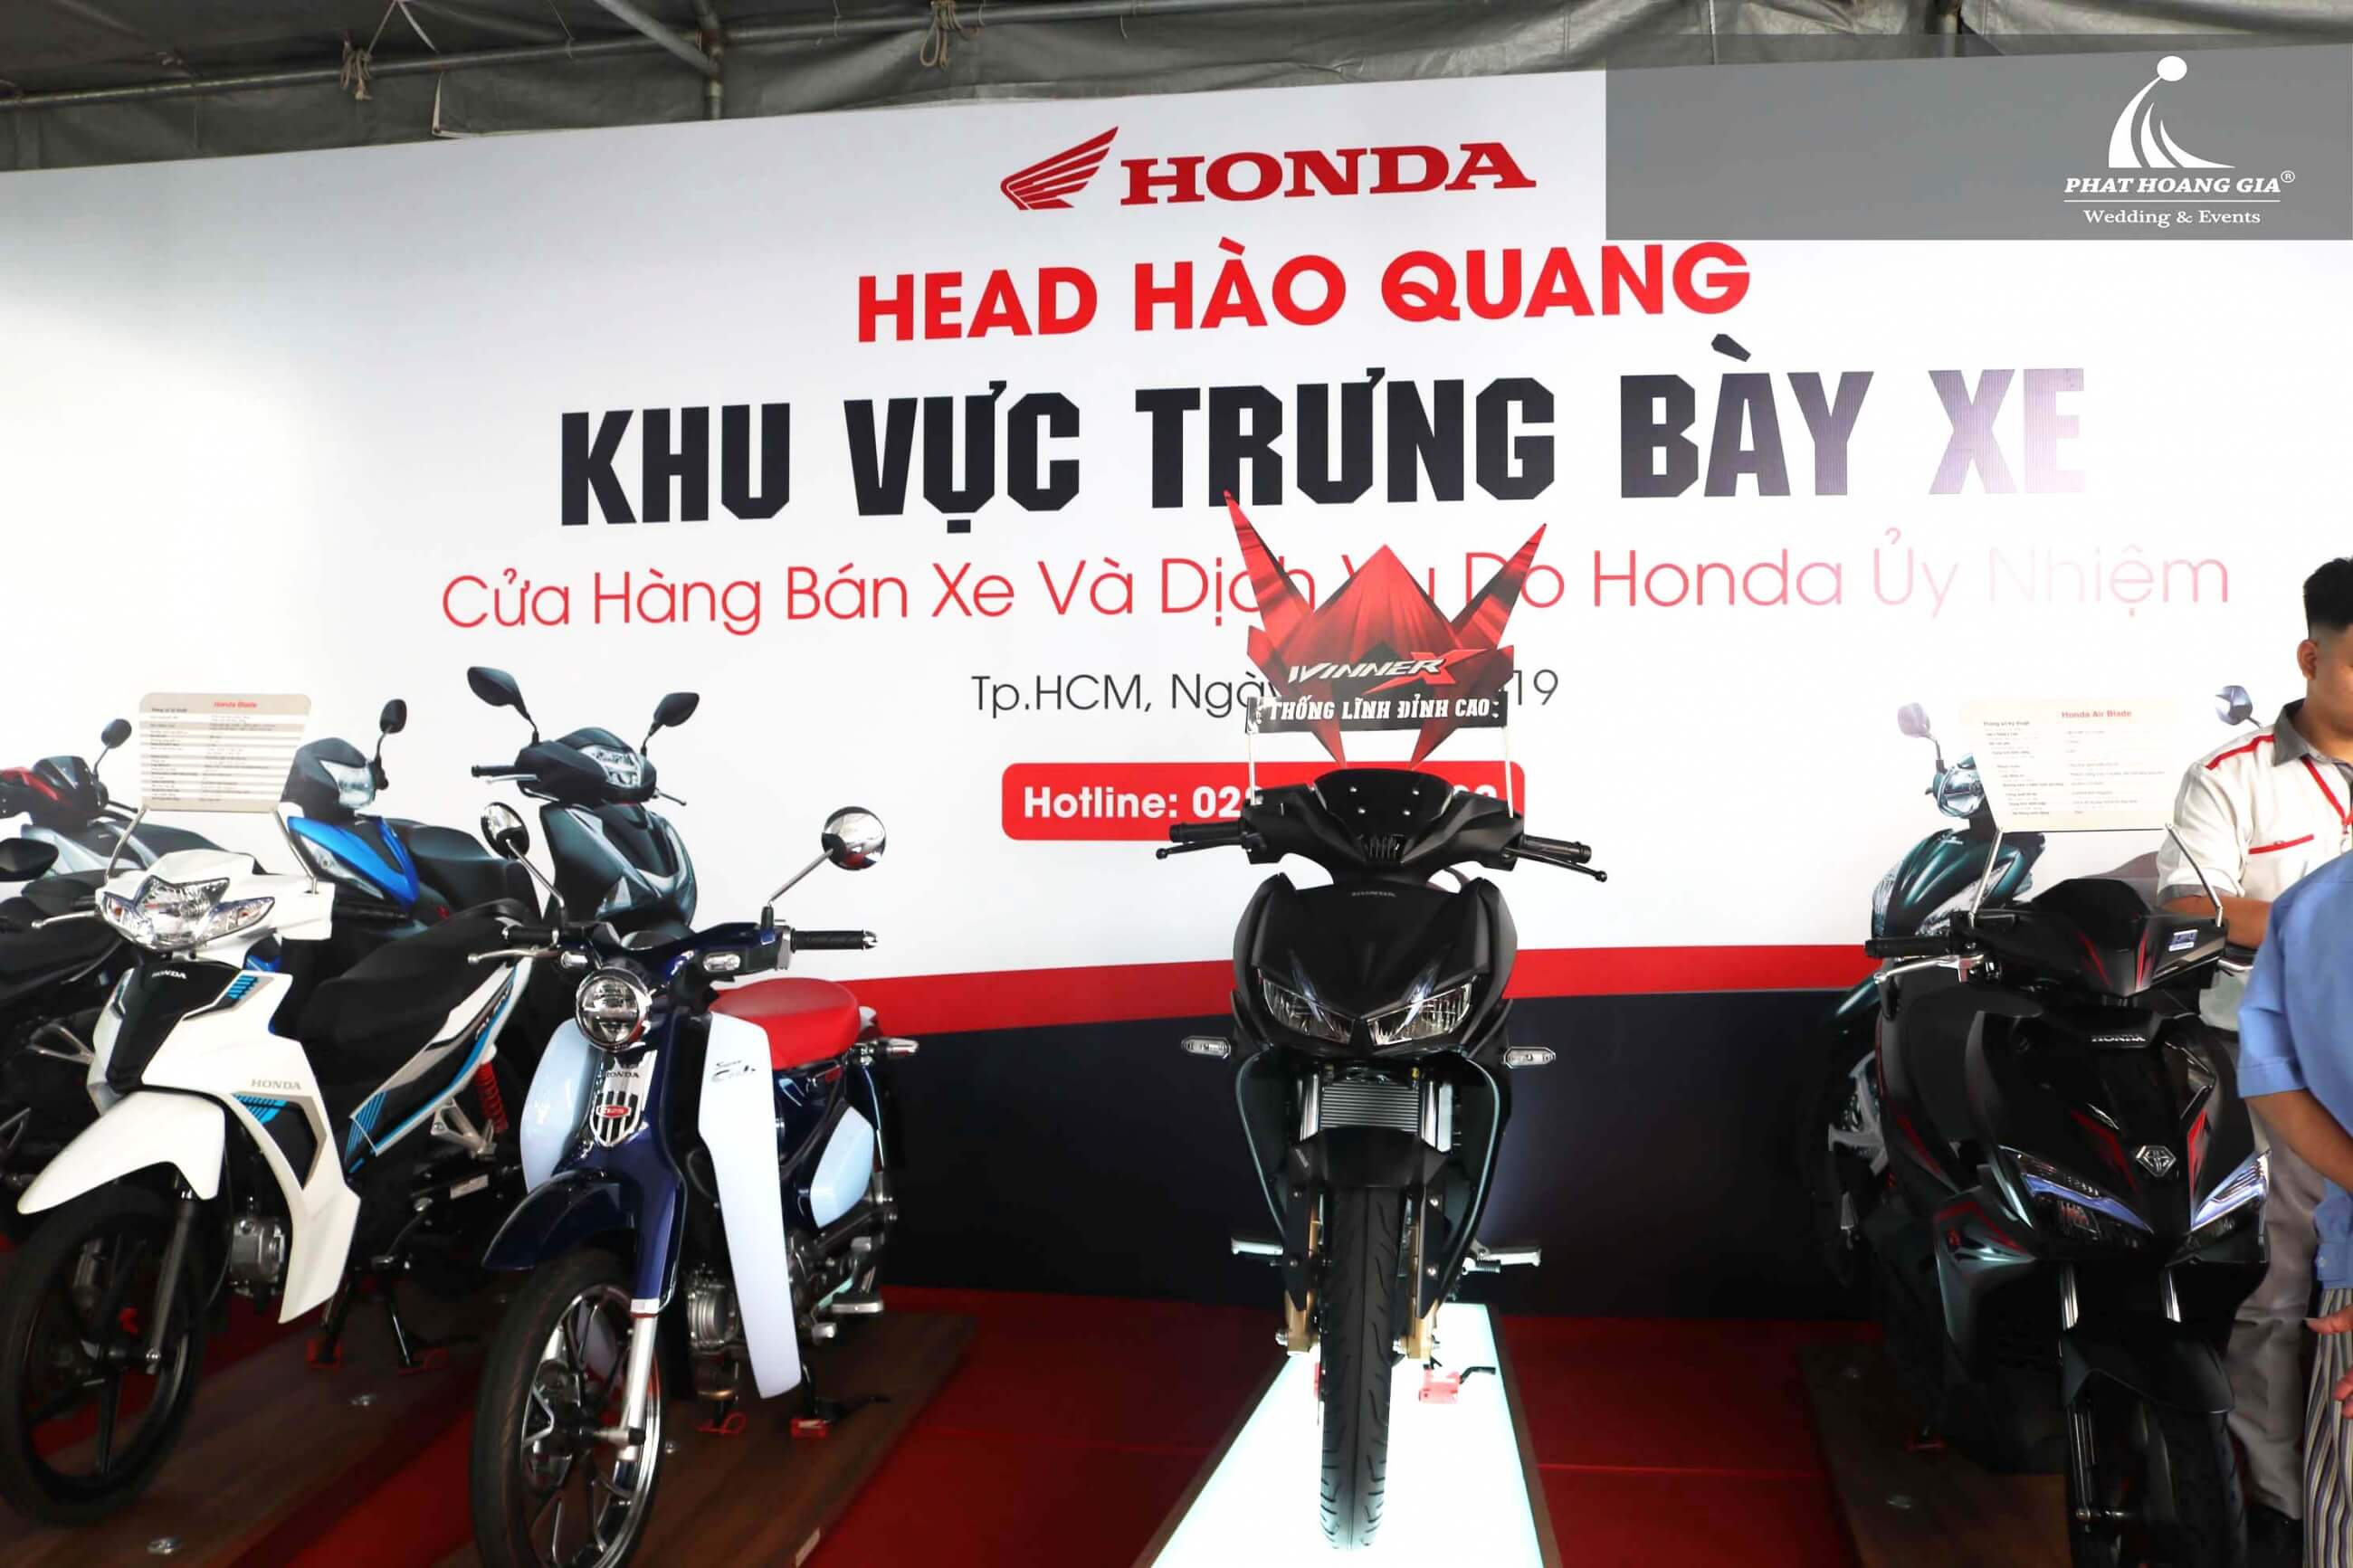 Cửa Hàng Moto Sài Gòn